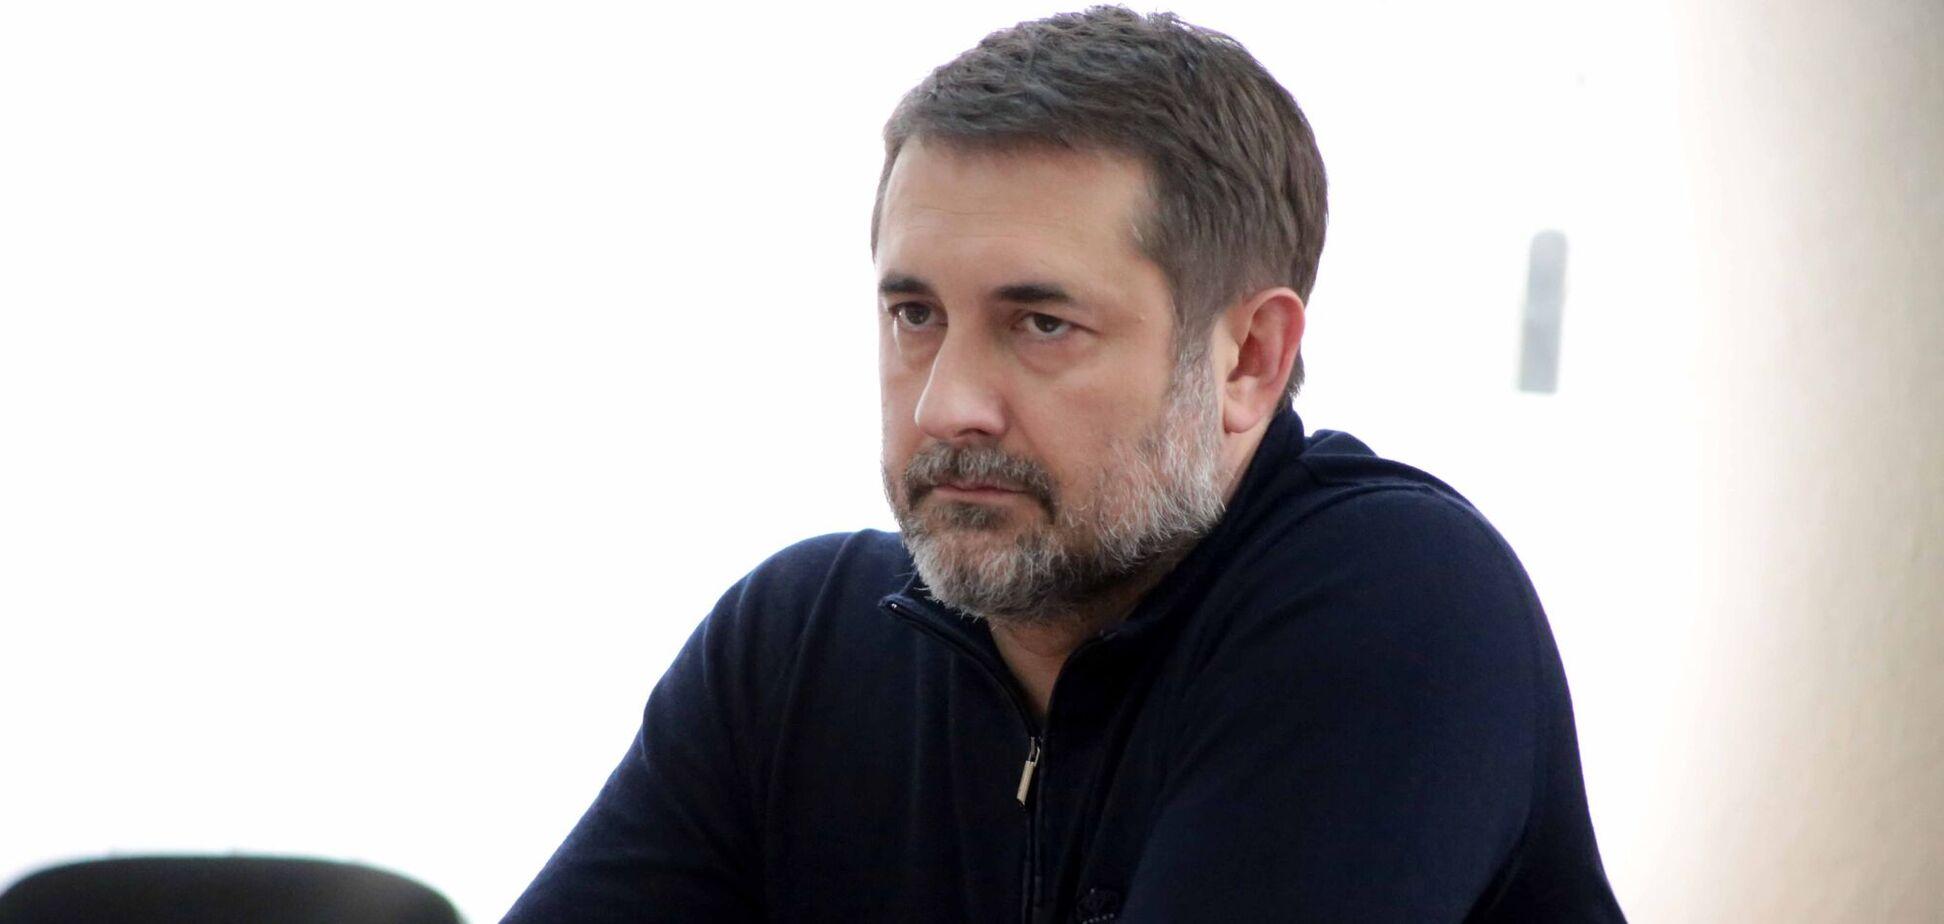 Сергій Гайдай висловився за відновлення економічних зв'язків з окупованими територіями